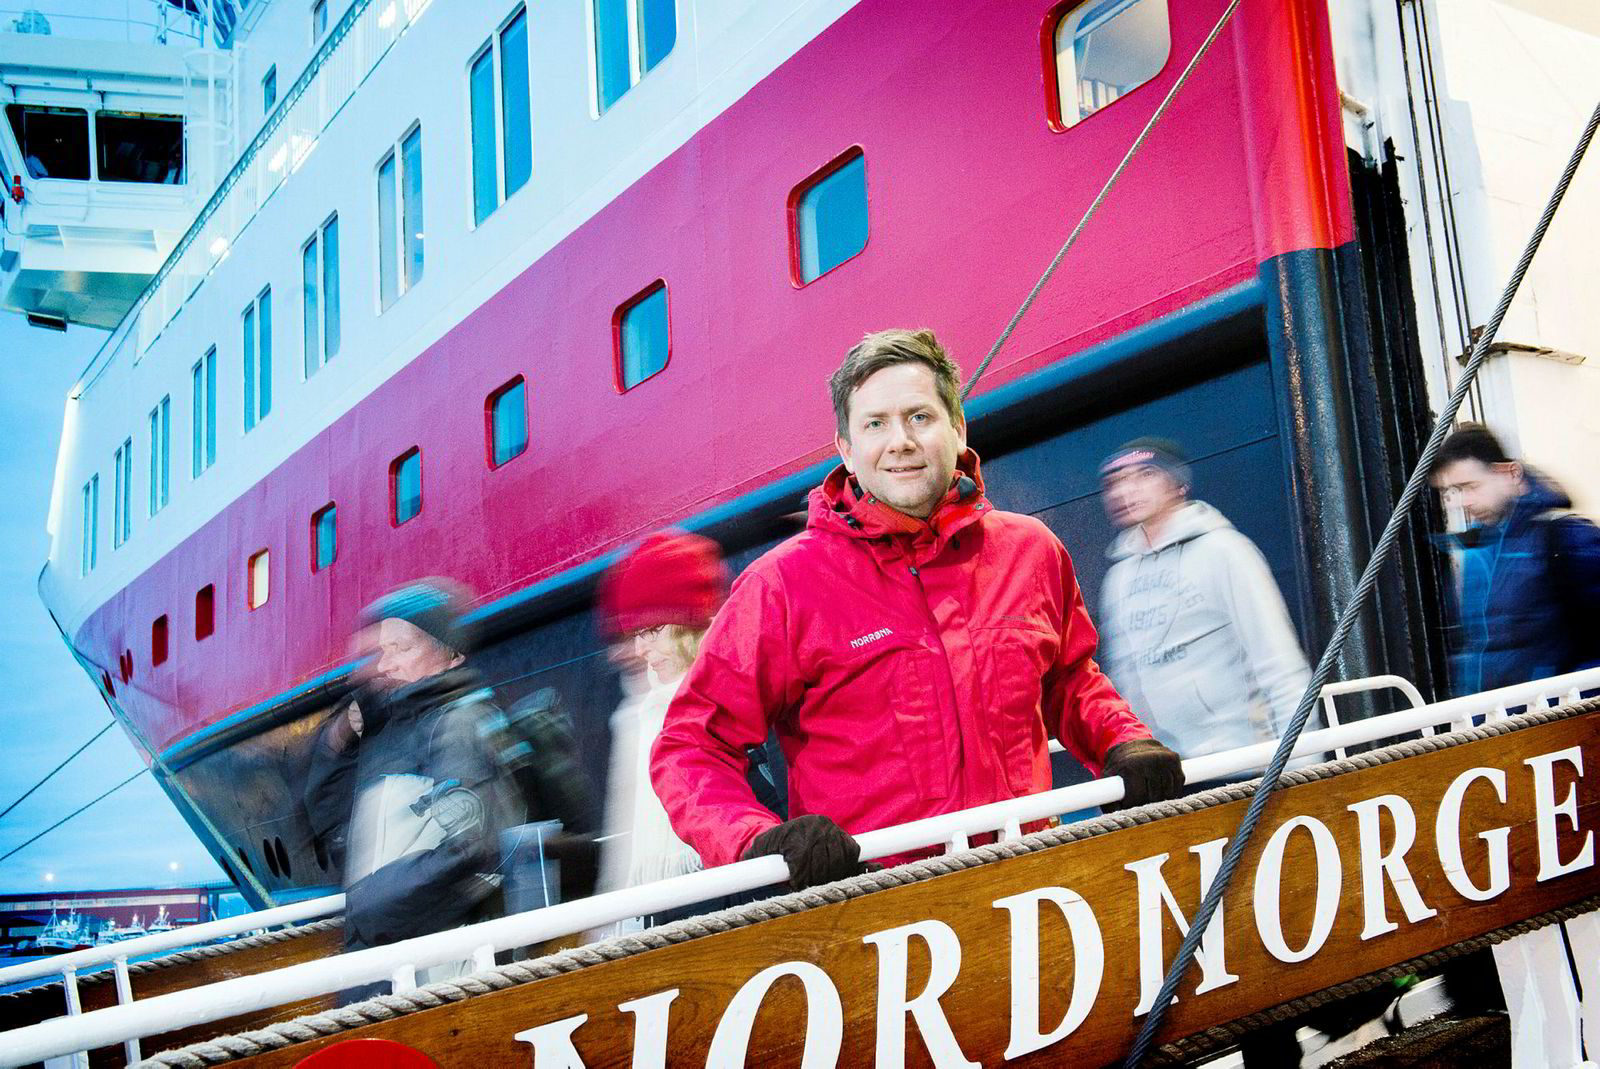 - Med Kleven som et av de fremste eksemplene, er norsk verftsindustri i verdensklasse, sier konsernsjef Daniel Skjeldam i Hurtigruten